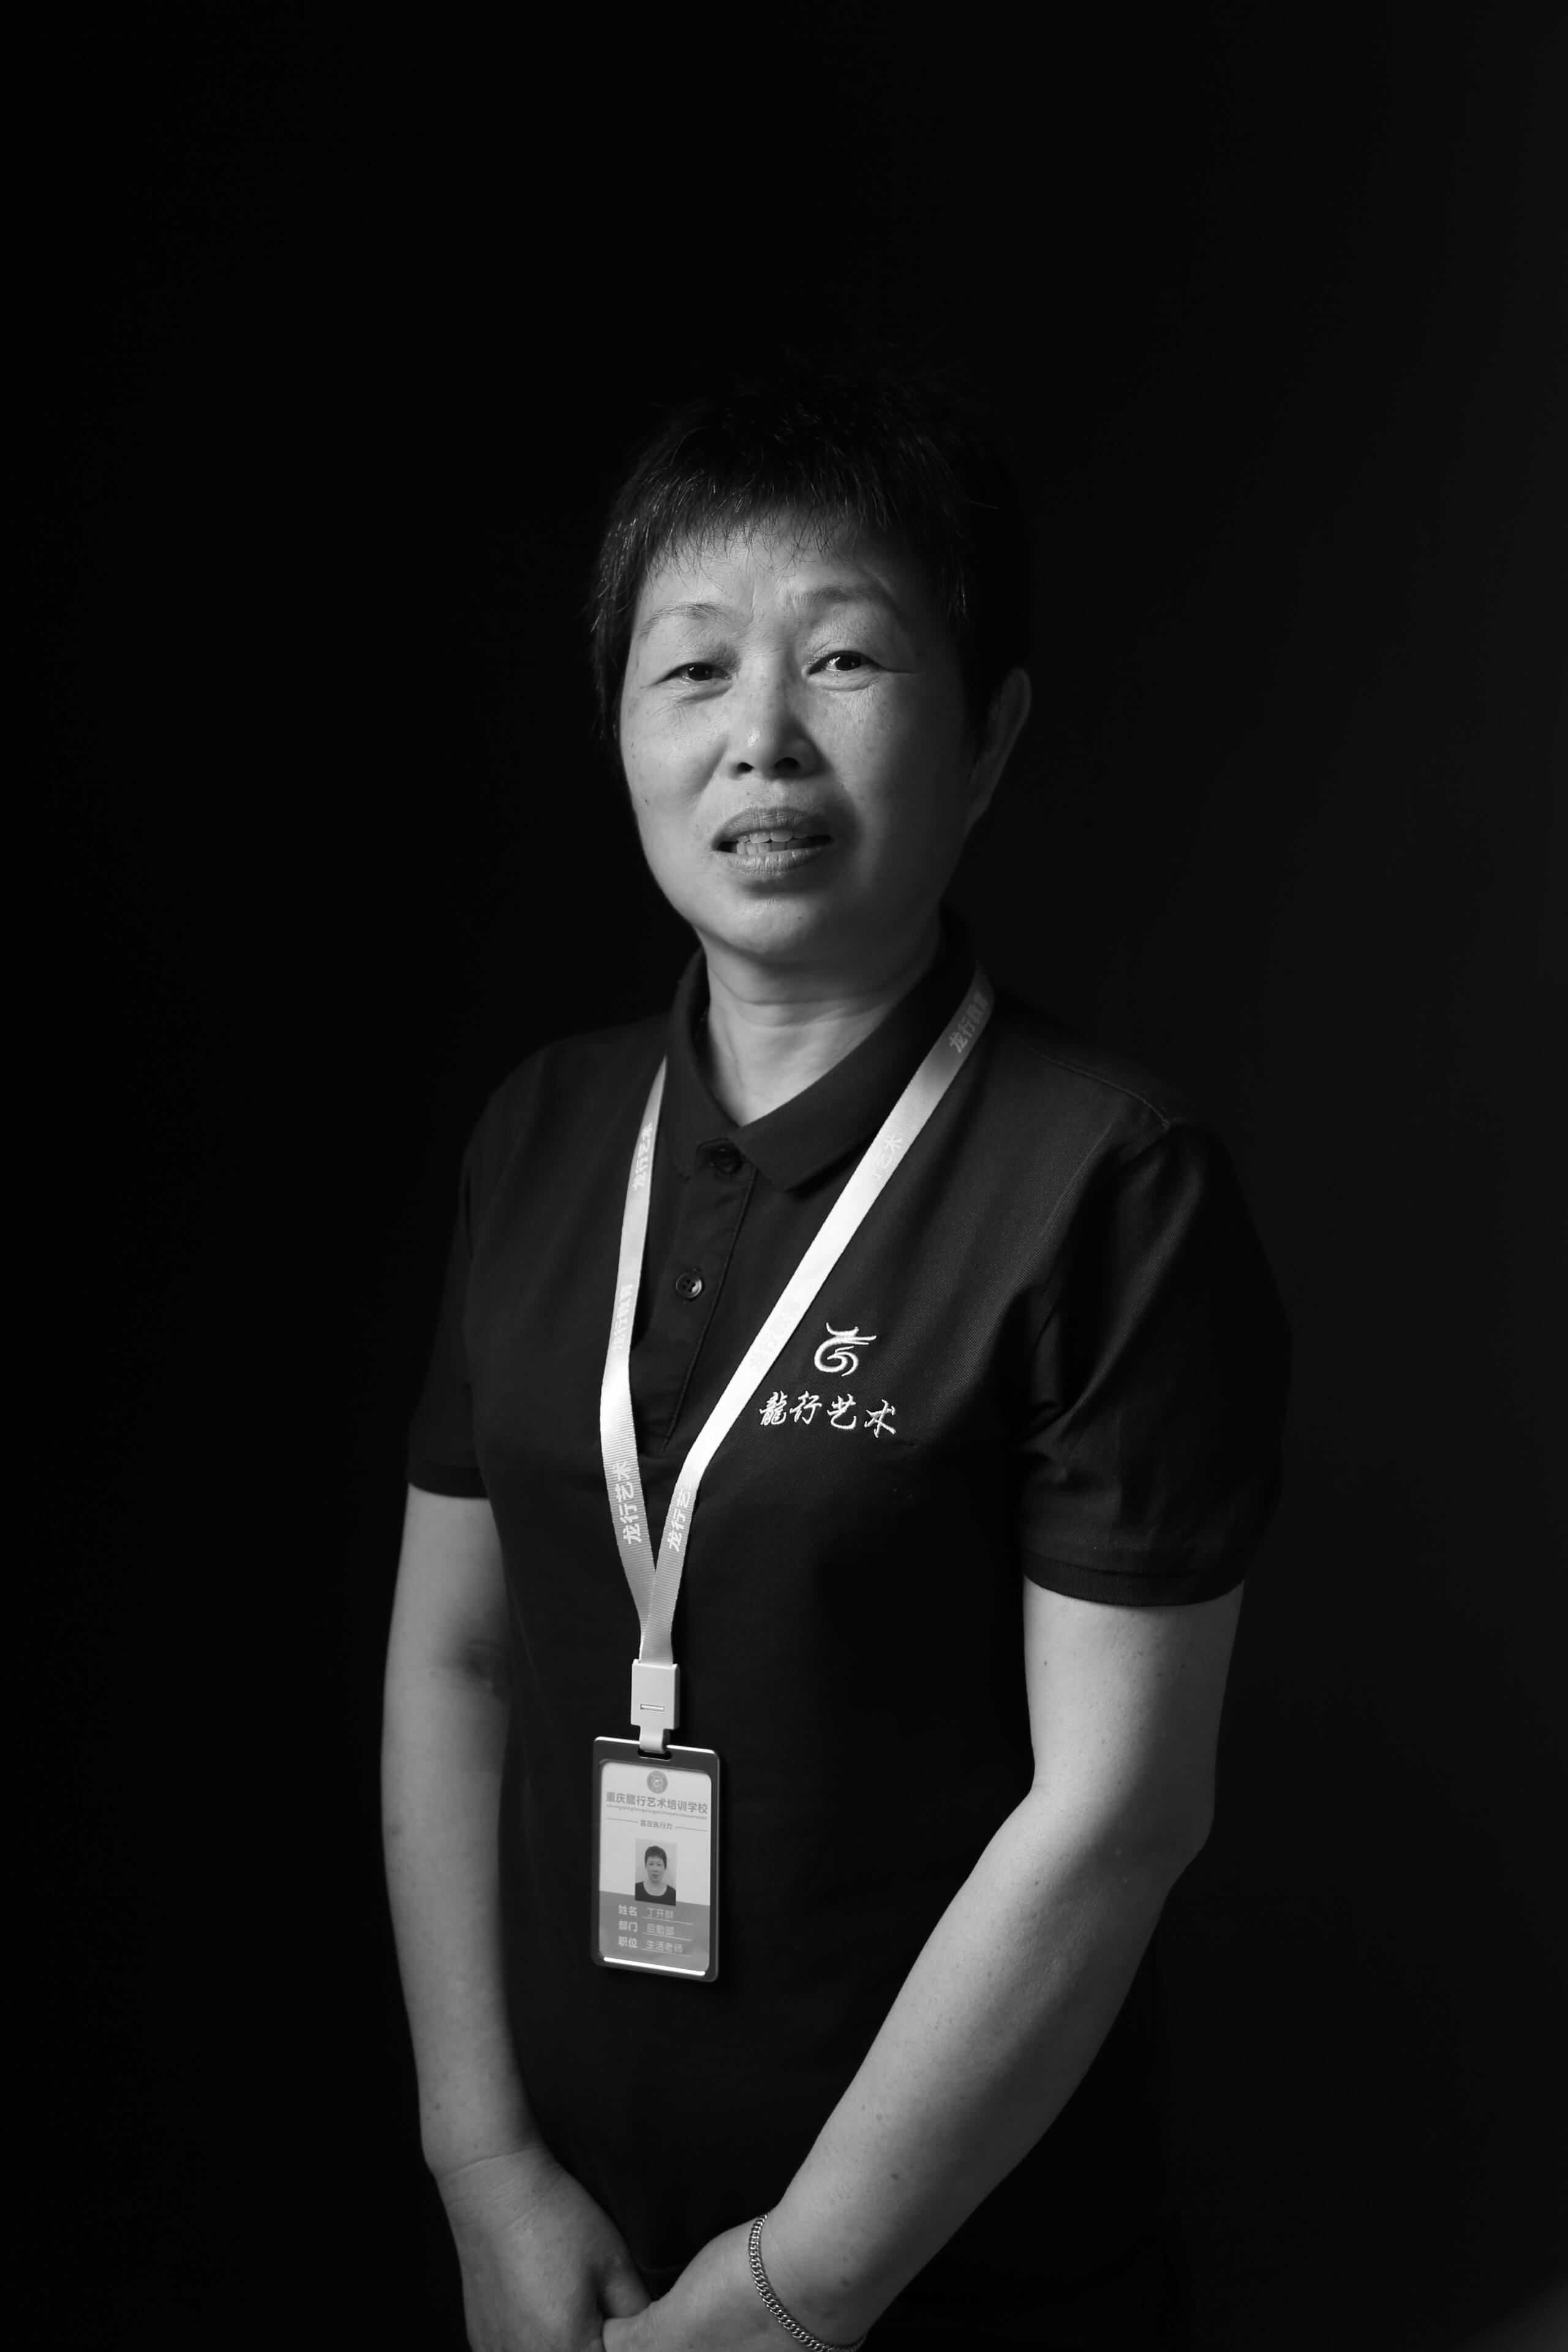 重庆美术培训画室老师-丁开群